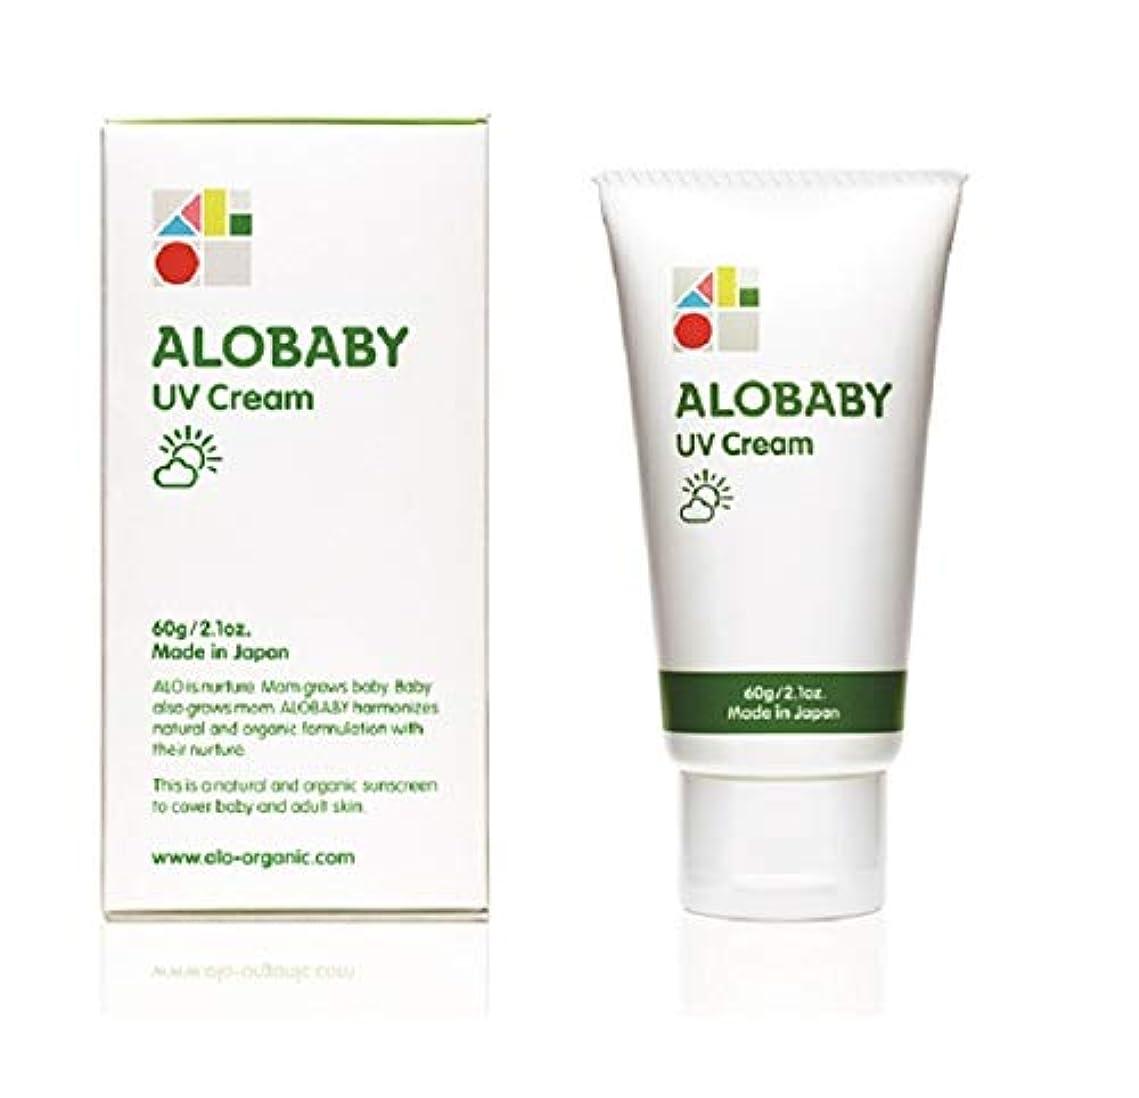 同情的粘り強いパーチナシティアロベビー UVクリーム 60g (1本) 赤ちゃん こども用 日焼け止め 紫外線吸収剤不使用 無添加 オーガニック alobaby